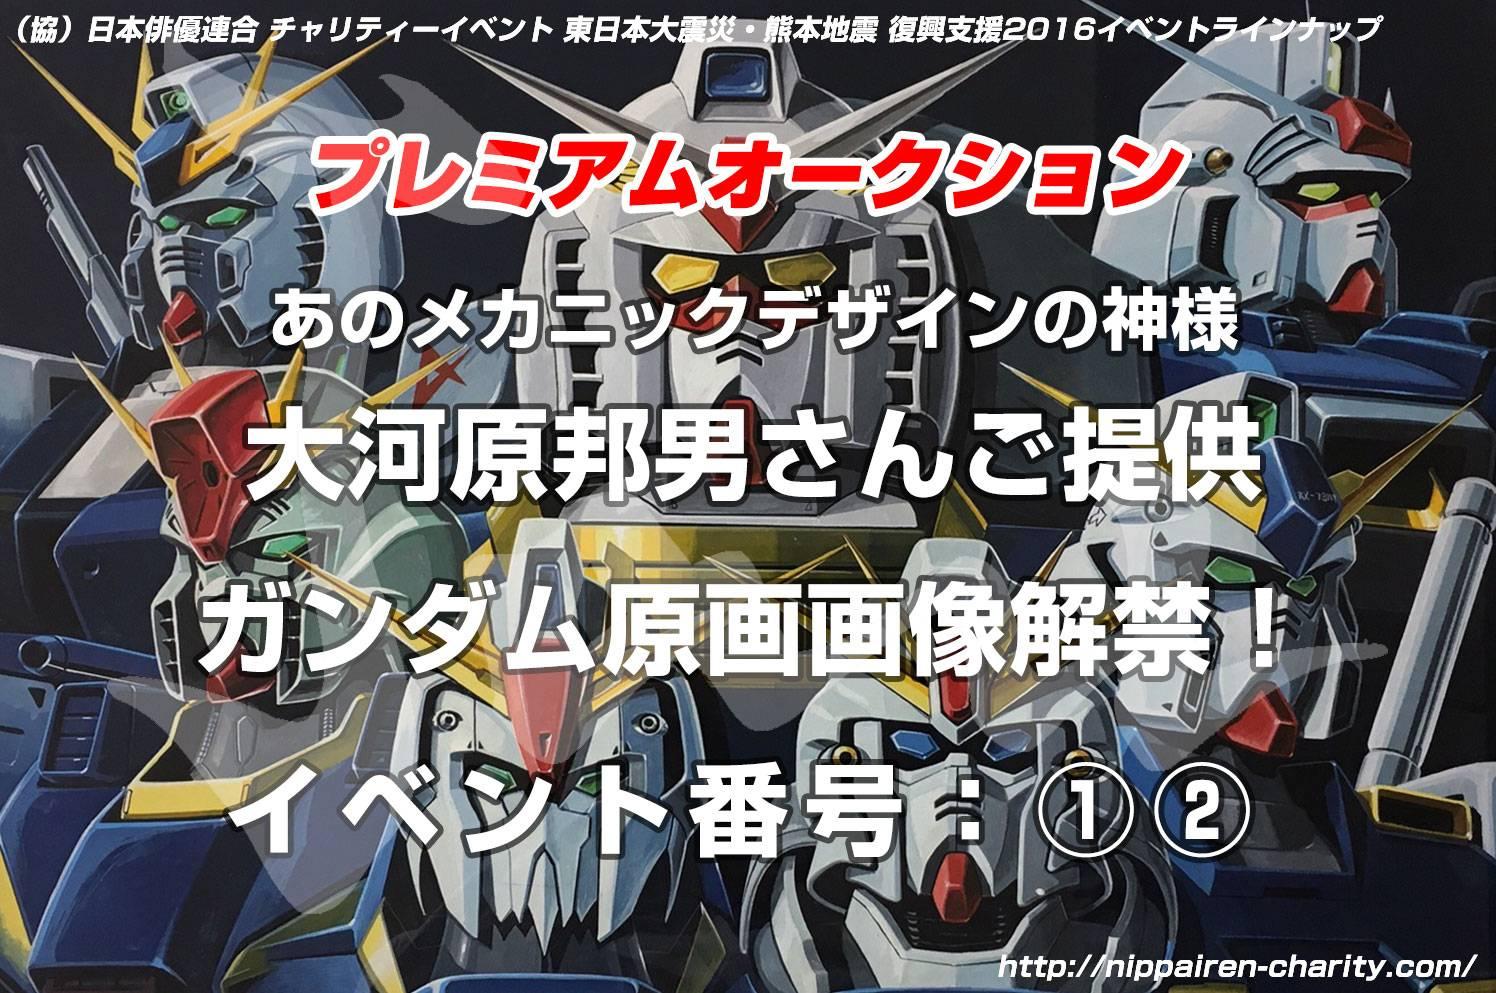 #大河原邦男 さんご提供!#ガンダム 原画 プレミアムオークションに登場!の画像解禁!